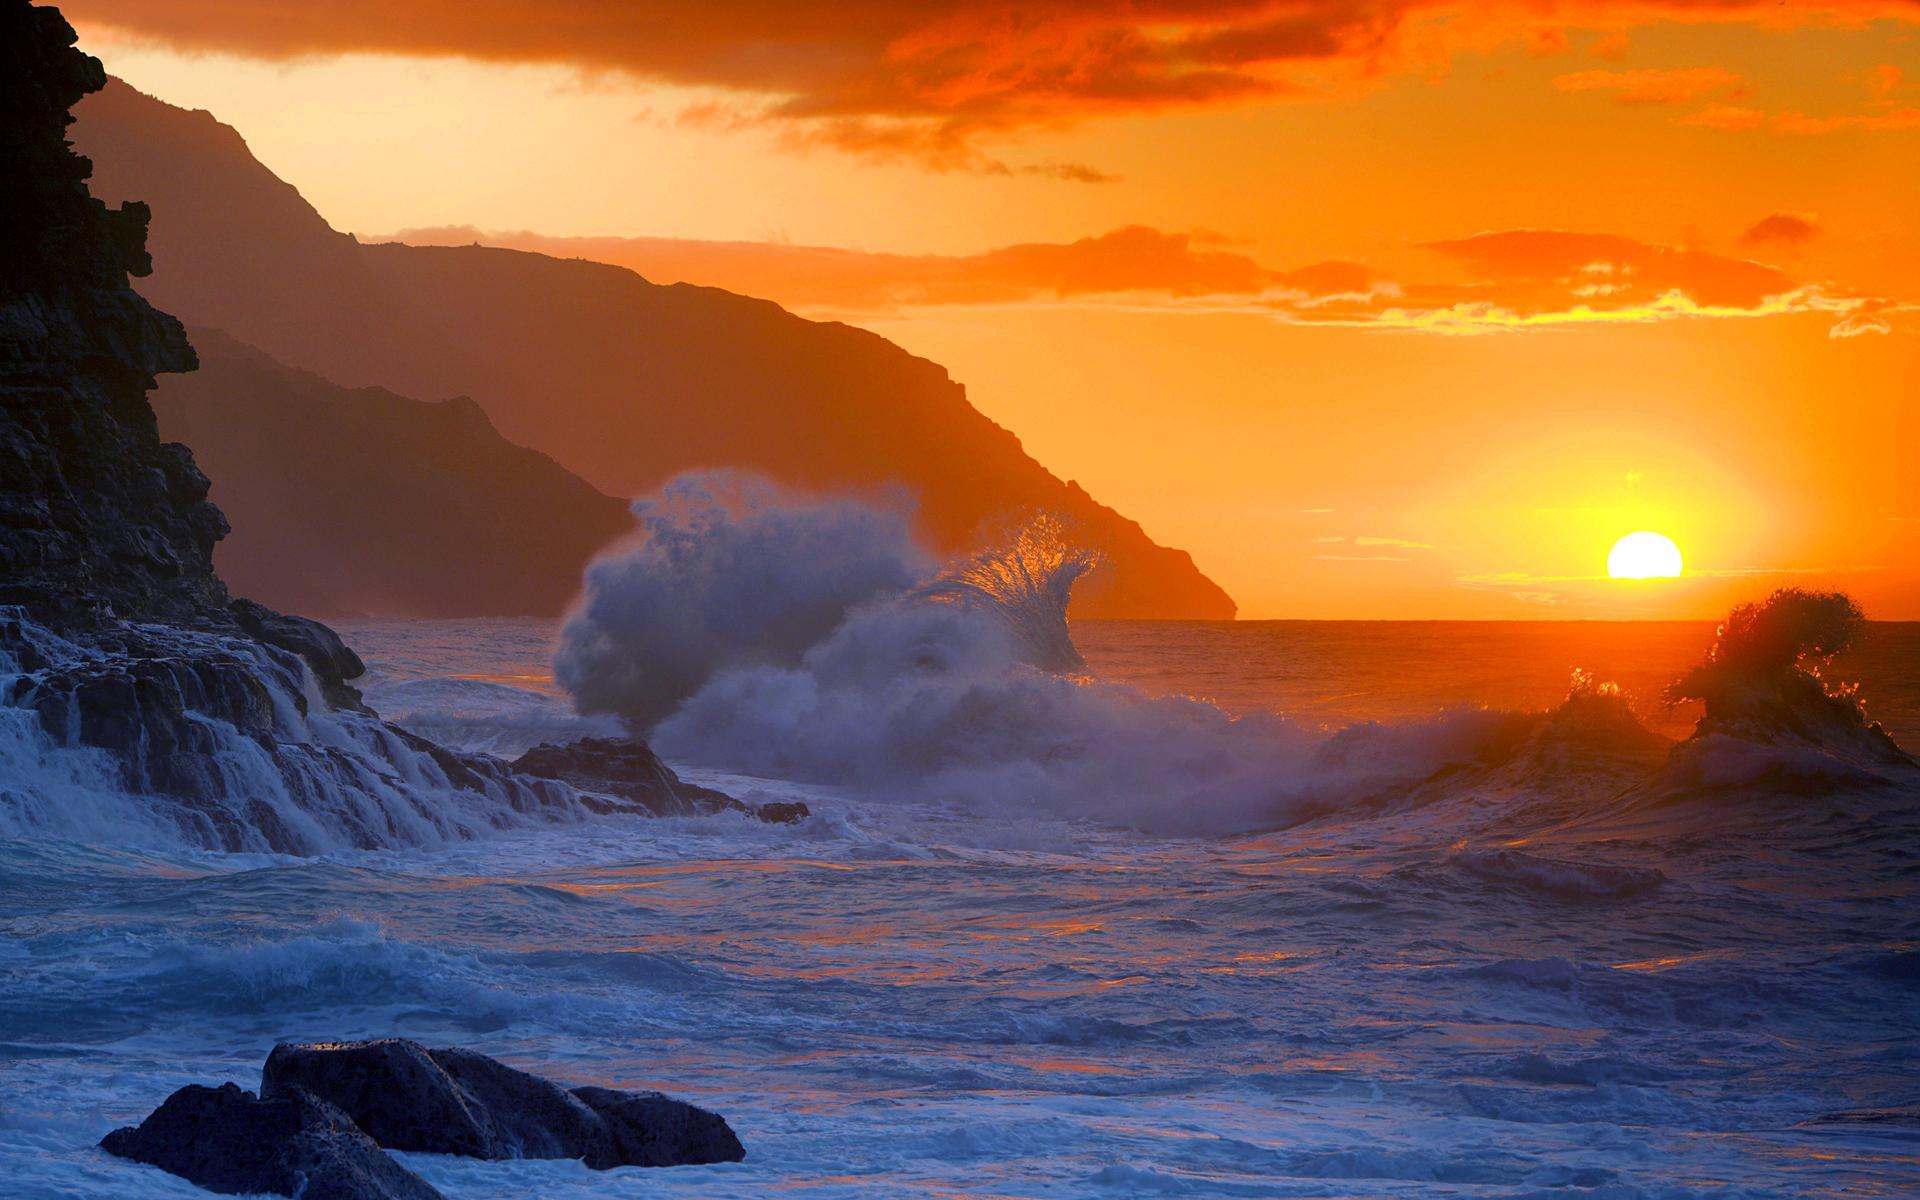 закат над бушующим морем  № 602836  скачать